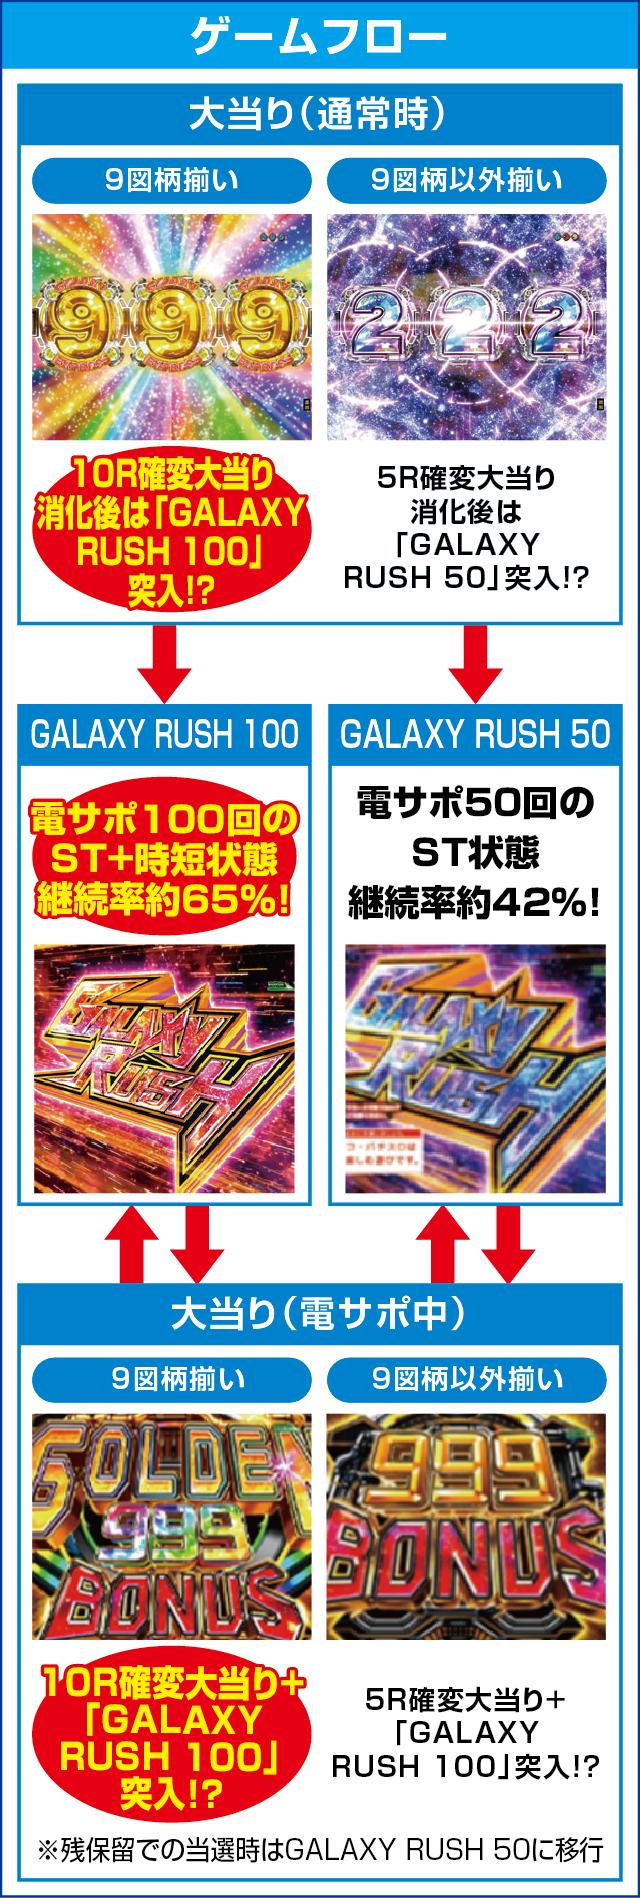 P銀河鉄道999GOLDEN(甘デジ)のピックアップポイント